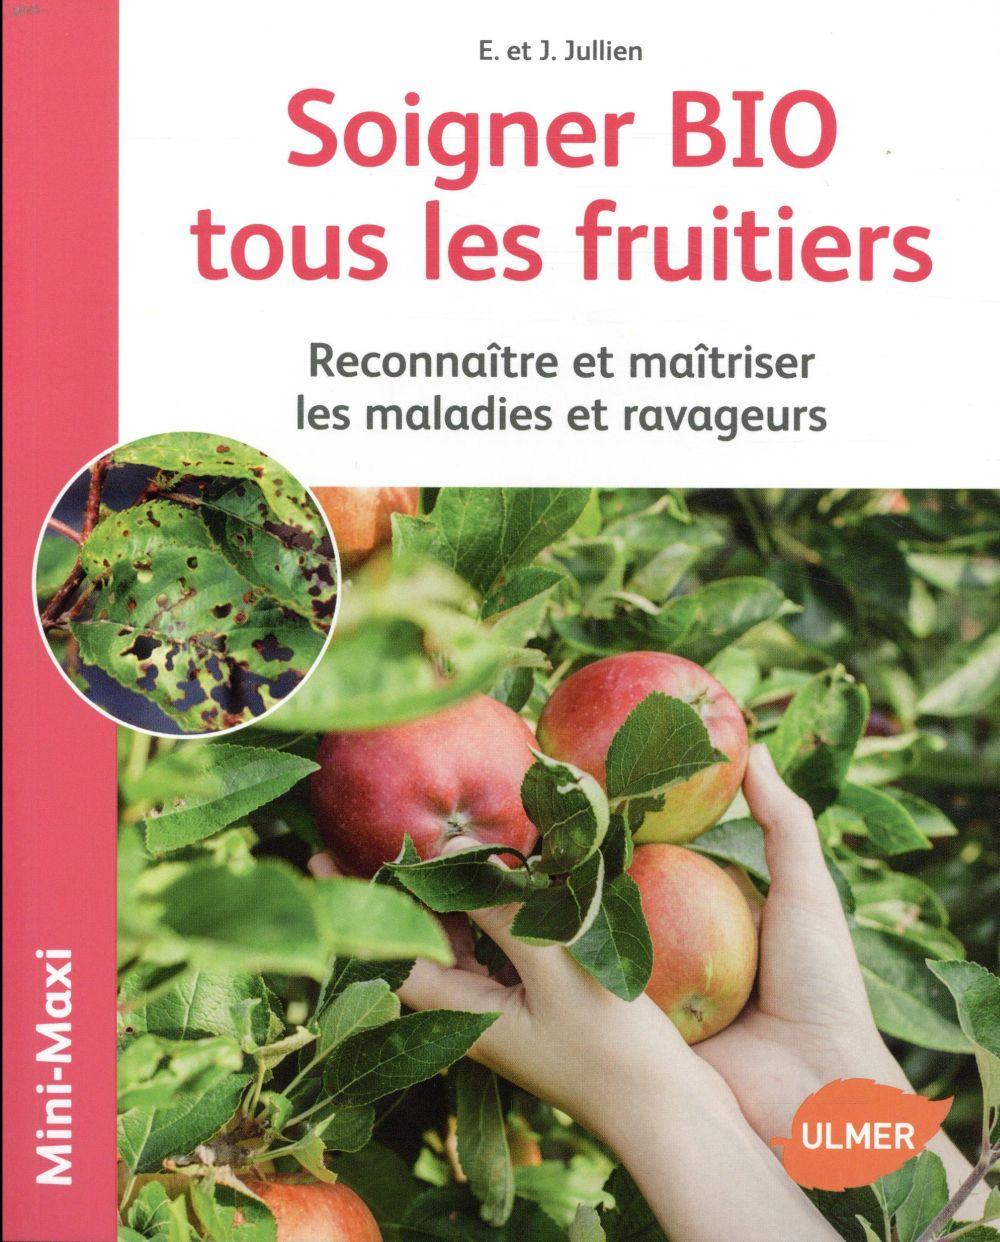 Soigner bio tous les fruitiers ; reconnaître et maîtriser les maladies et ravageurs